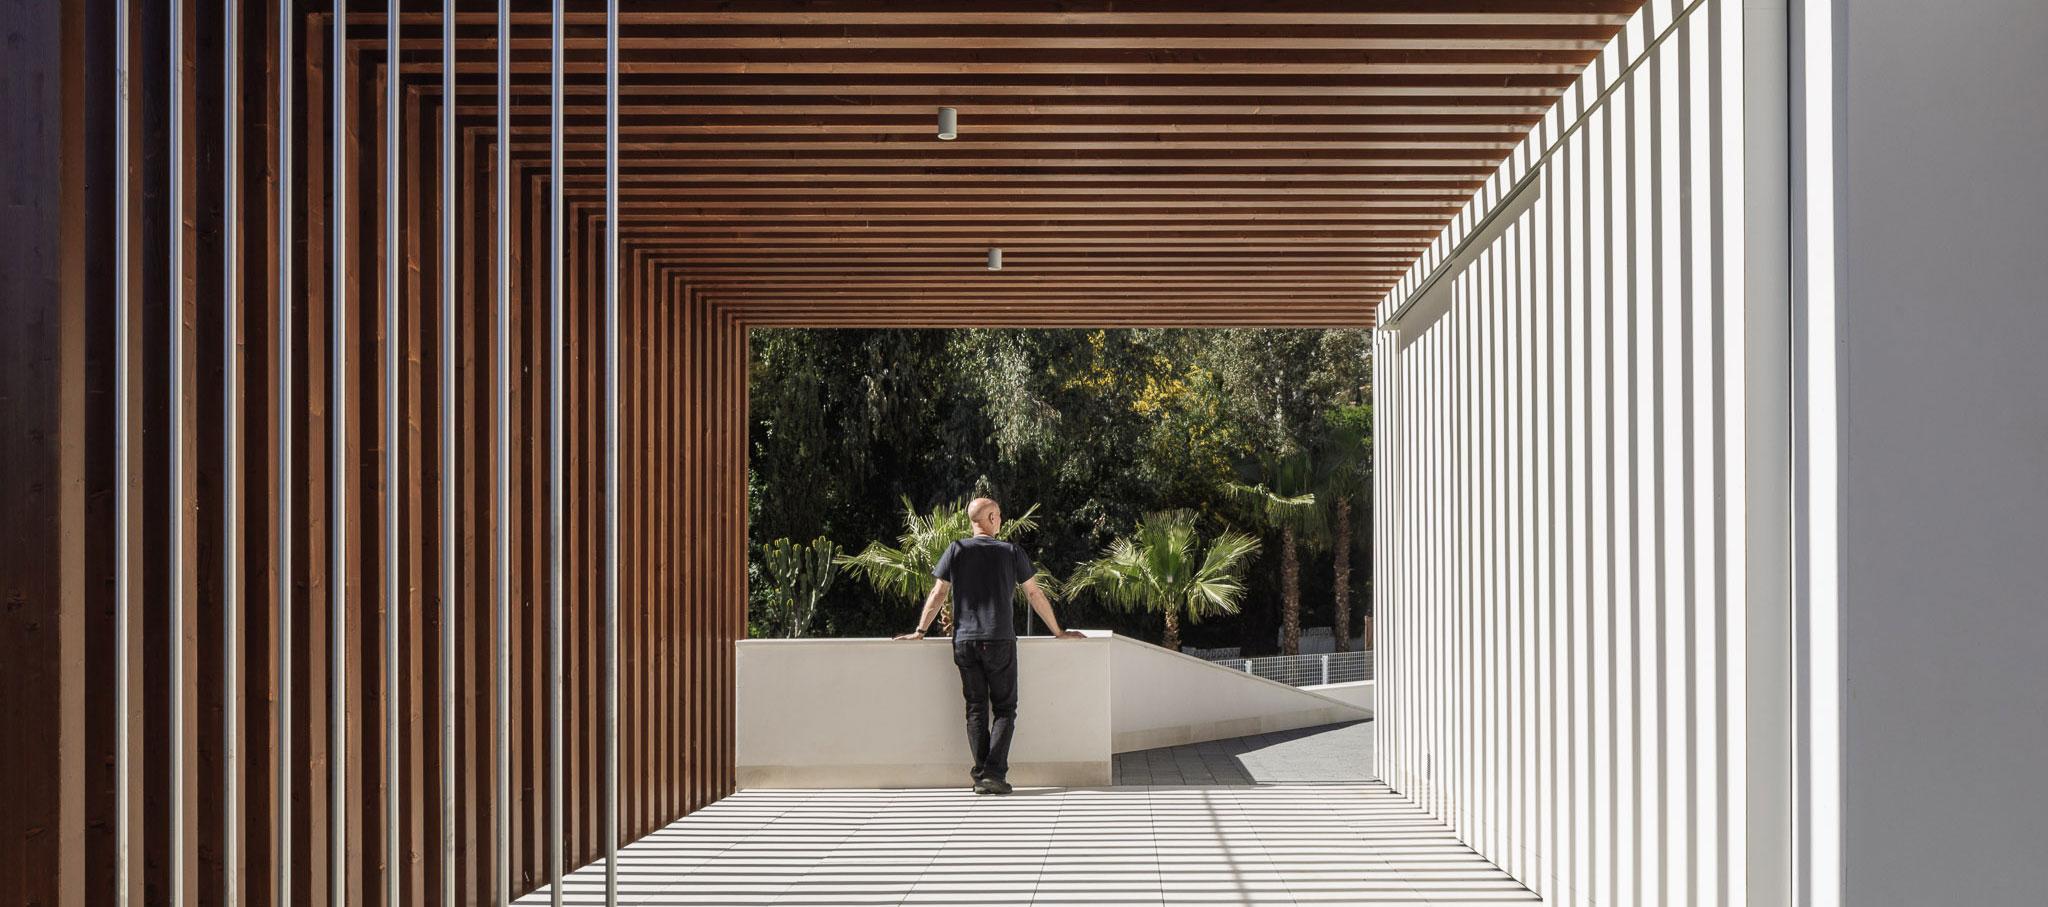 Casa La Yedra por ISMO arquitectura. Fotografía por Fernando Alda